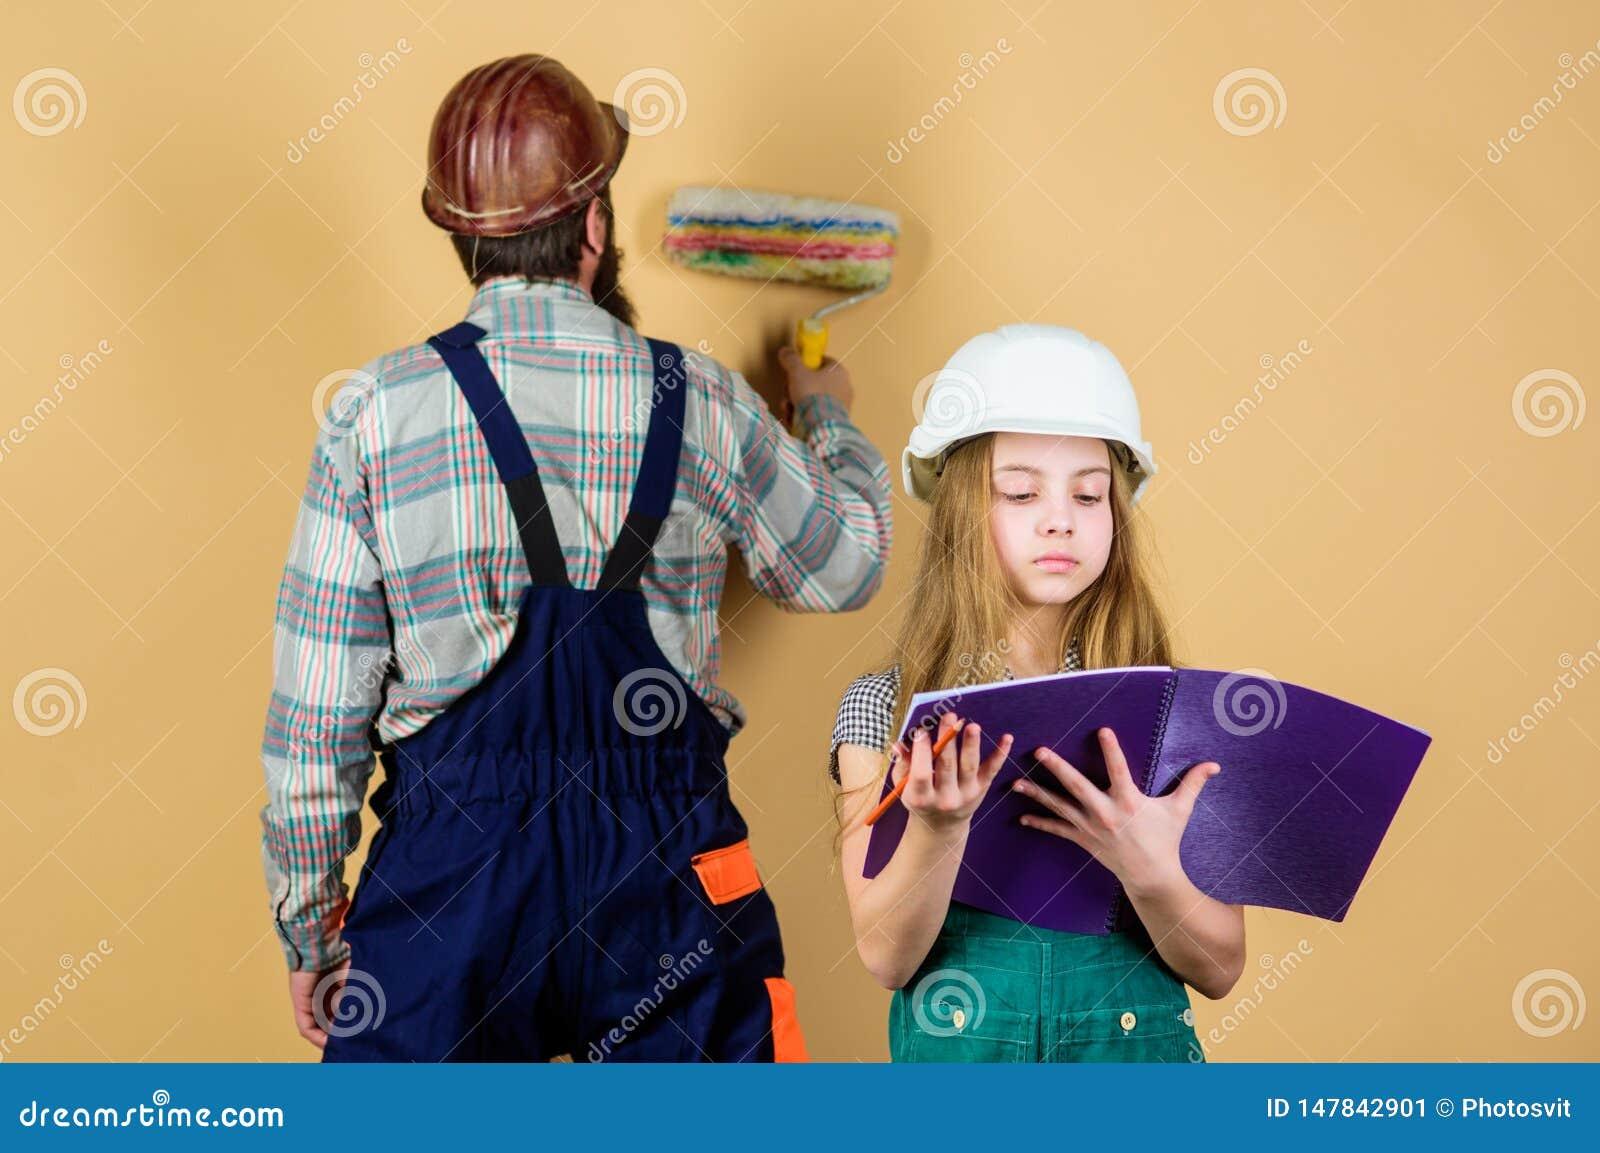 R Βιομηχανία Εργαλεία για την επισκευή άτομο με το μικρό κορίτσι εκπαίδευση εφαρμοσμένης μηχανικής βοηθός εργατών οικοδομών